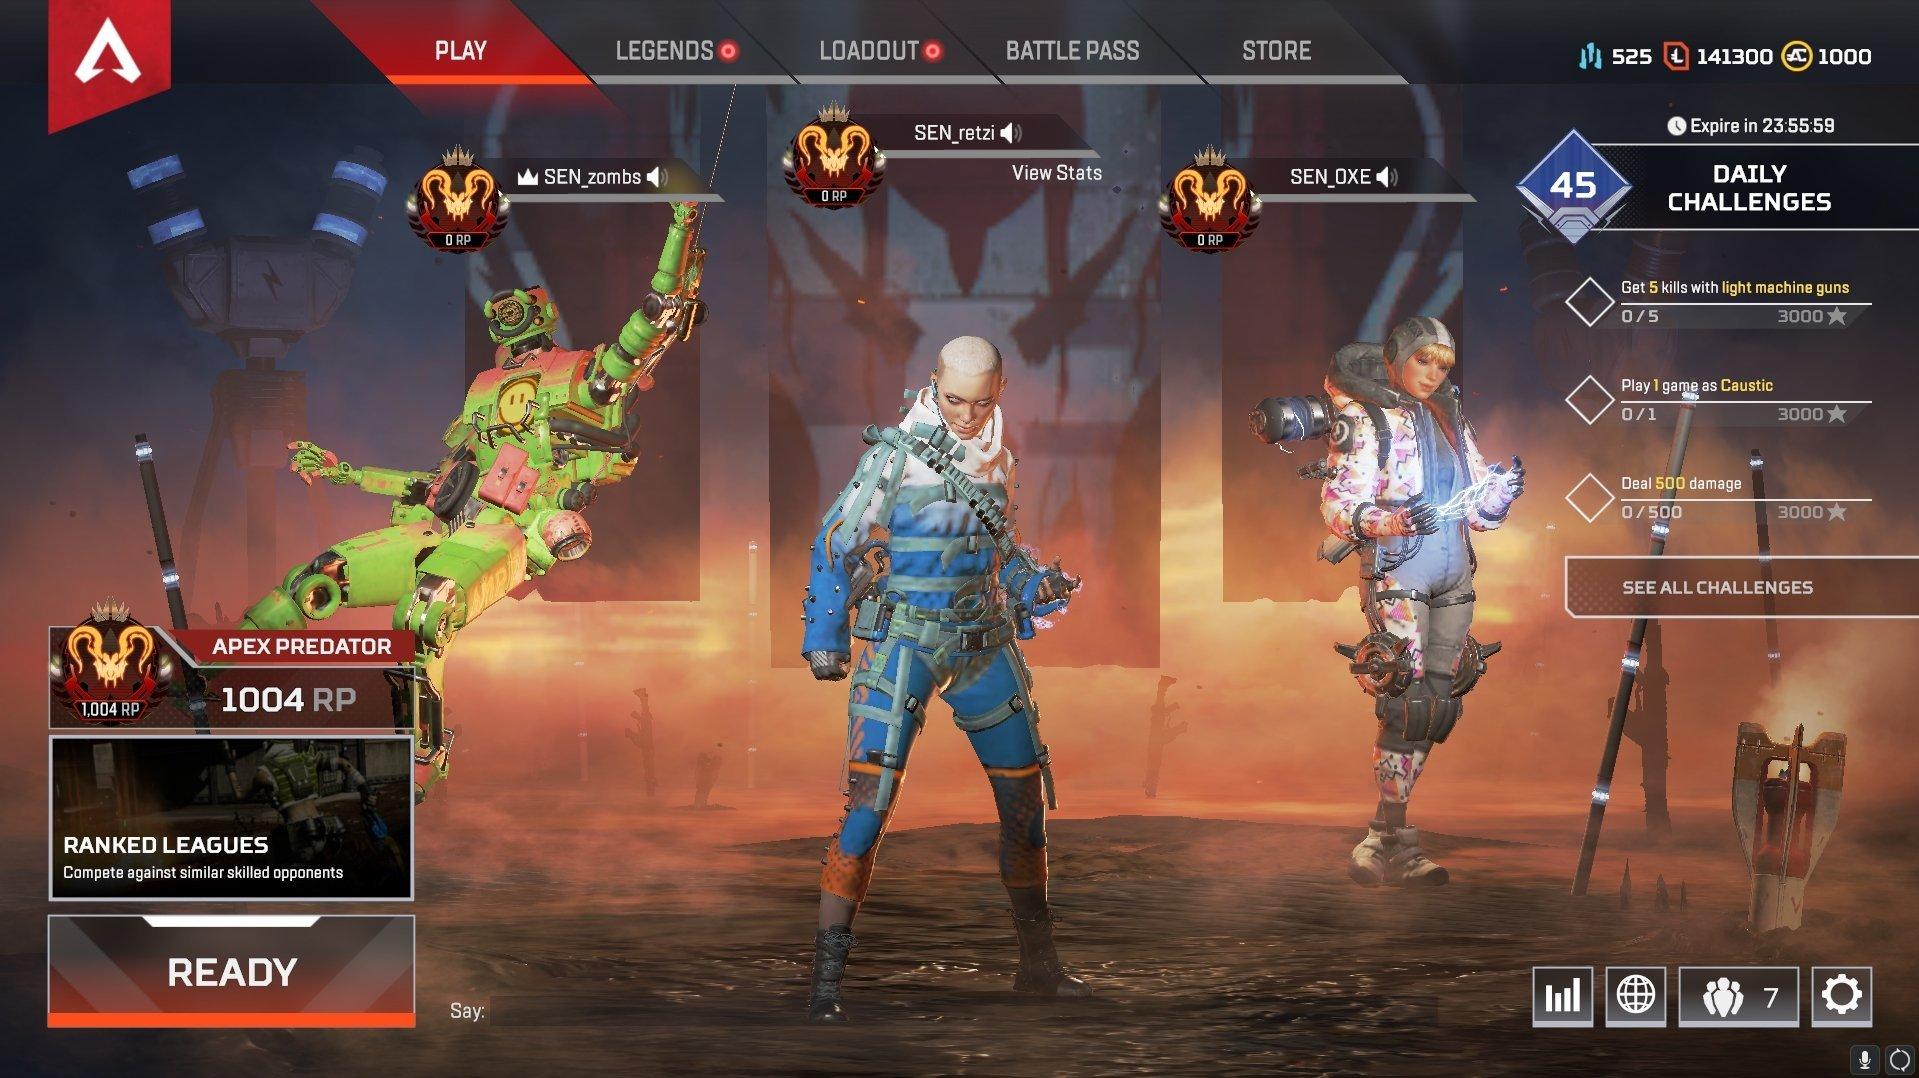 Les joueurs ont déjà atteint le rang Apex Predator en mode Apex Legends Ranked.